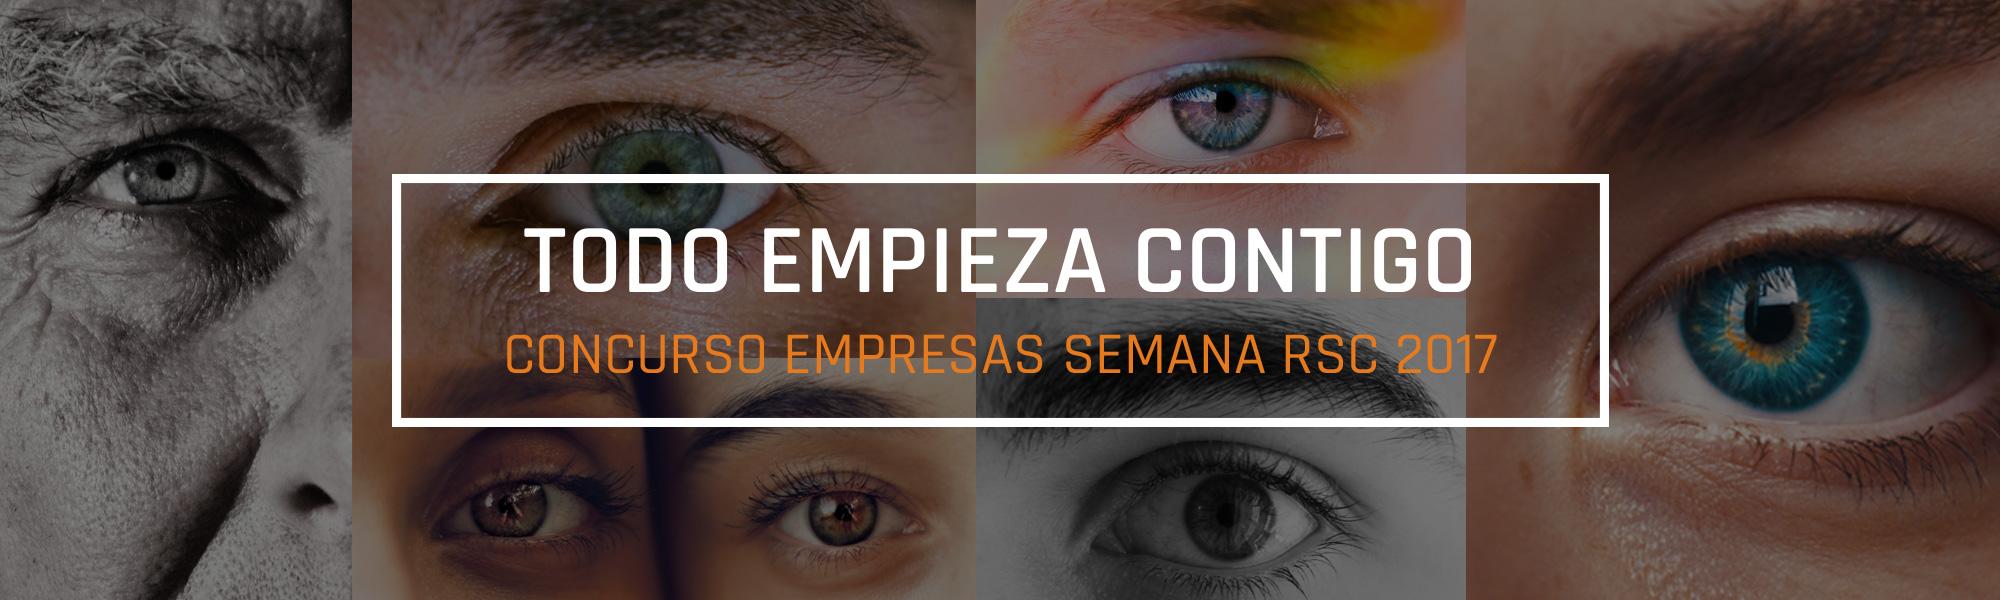 Concurso Empresas Semana RSC 2017